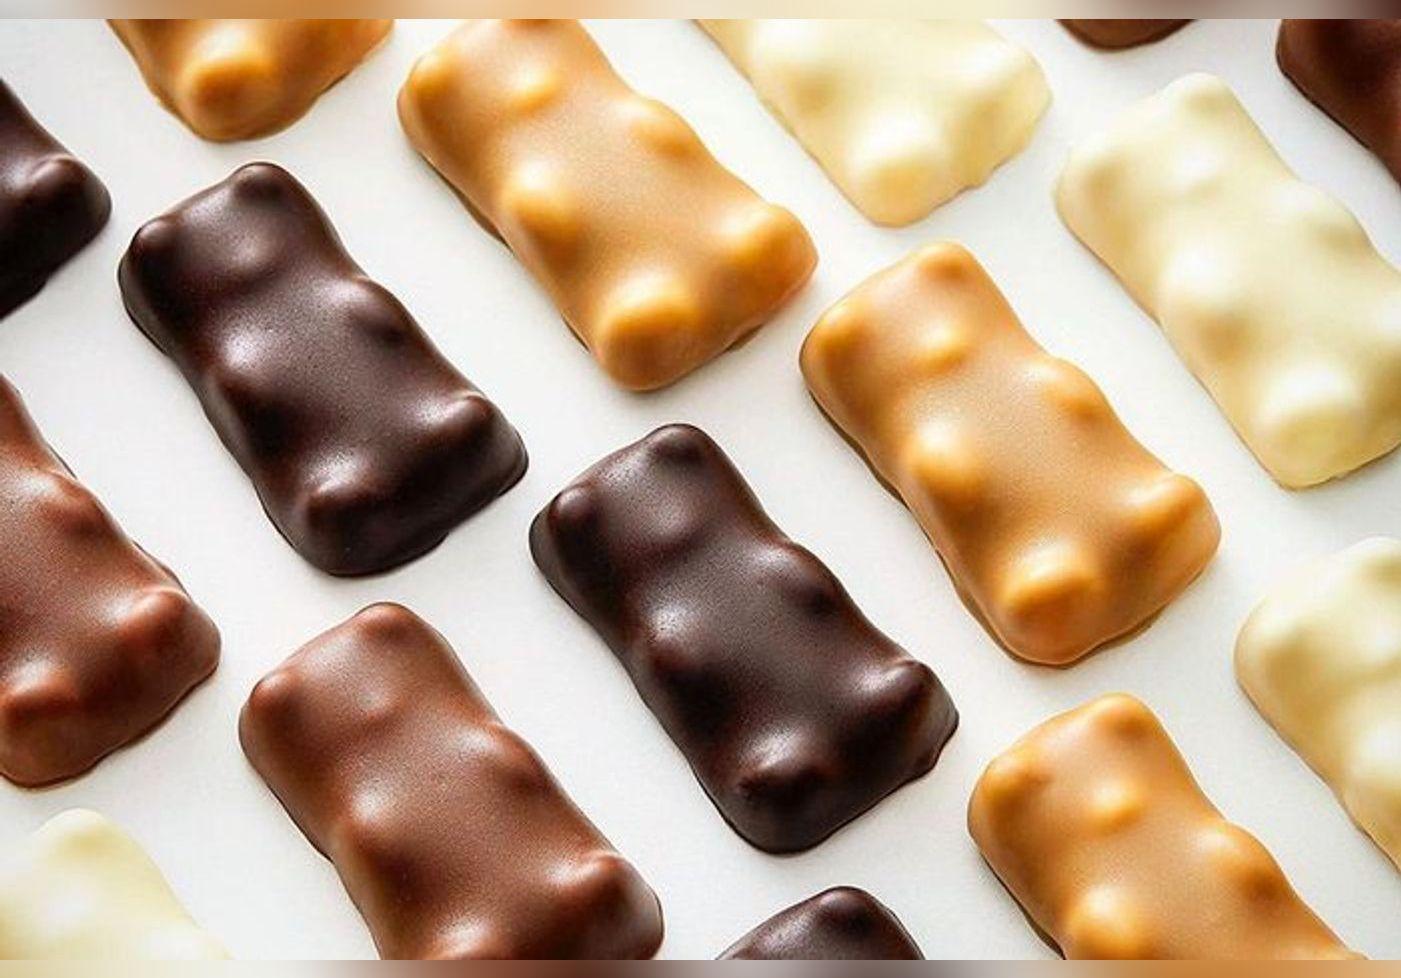 Cyril Lignac partage la recette de ses irrésistibles Oursons Guimauve… La gourmandise semble tout droit sortie de La Chocolaterie